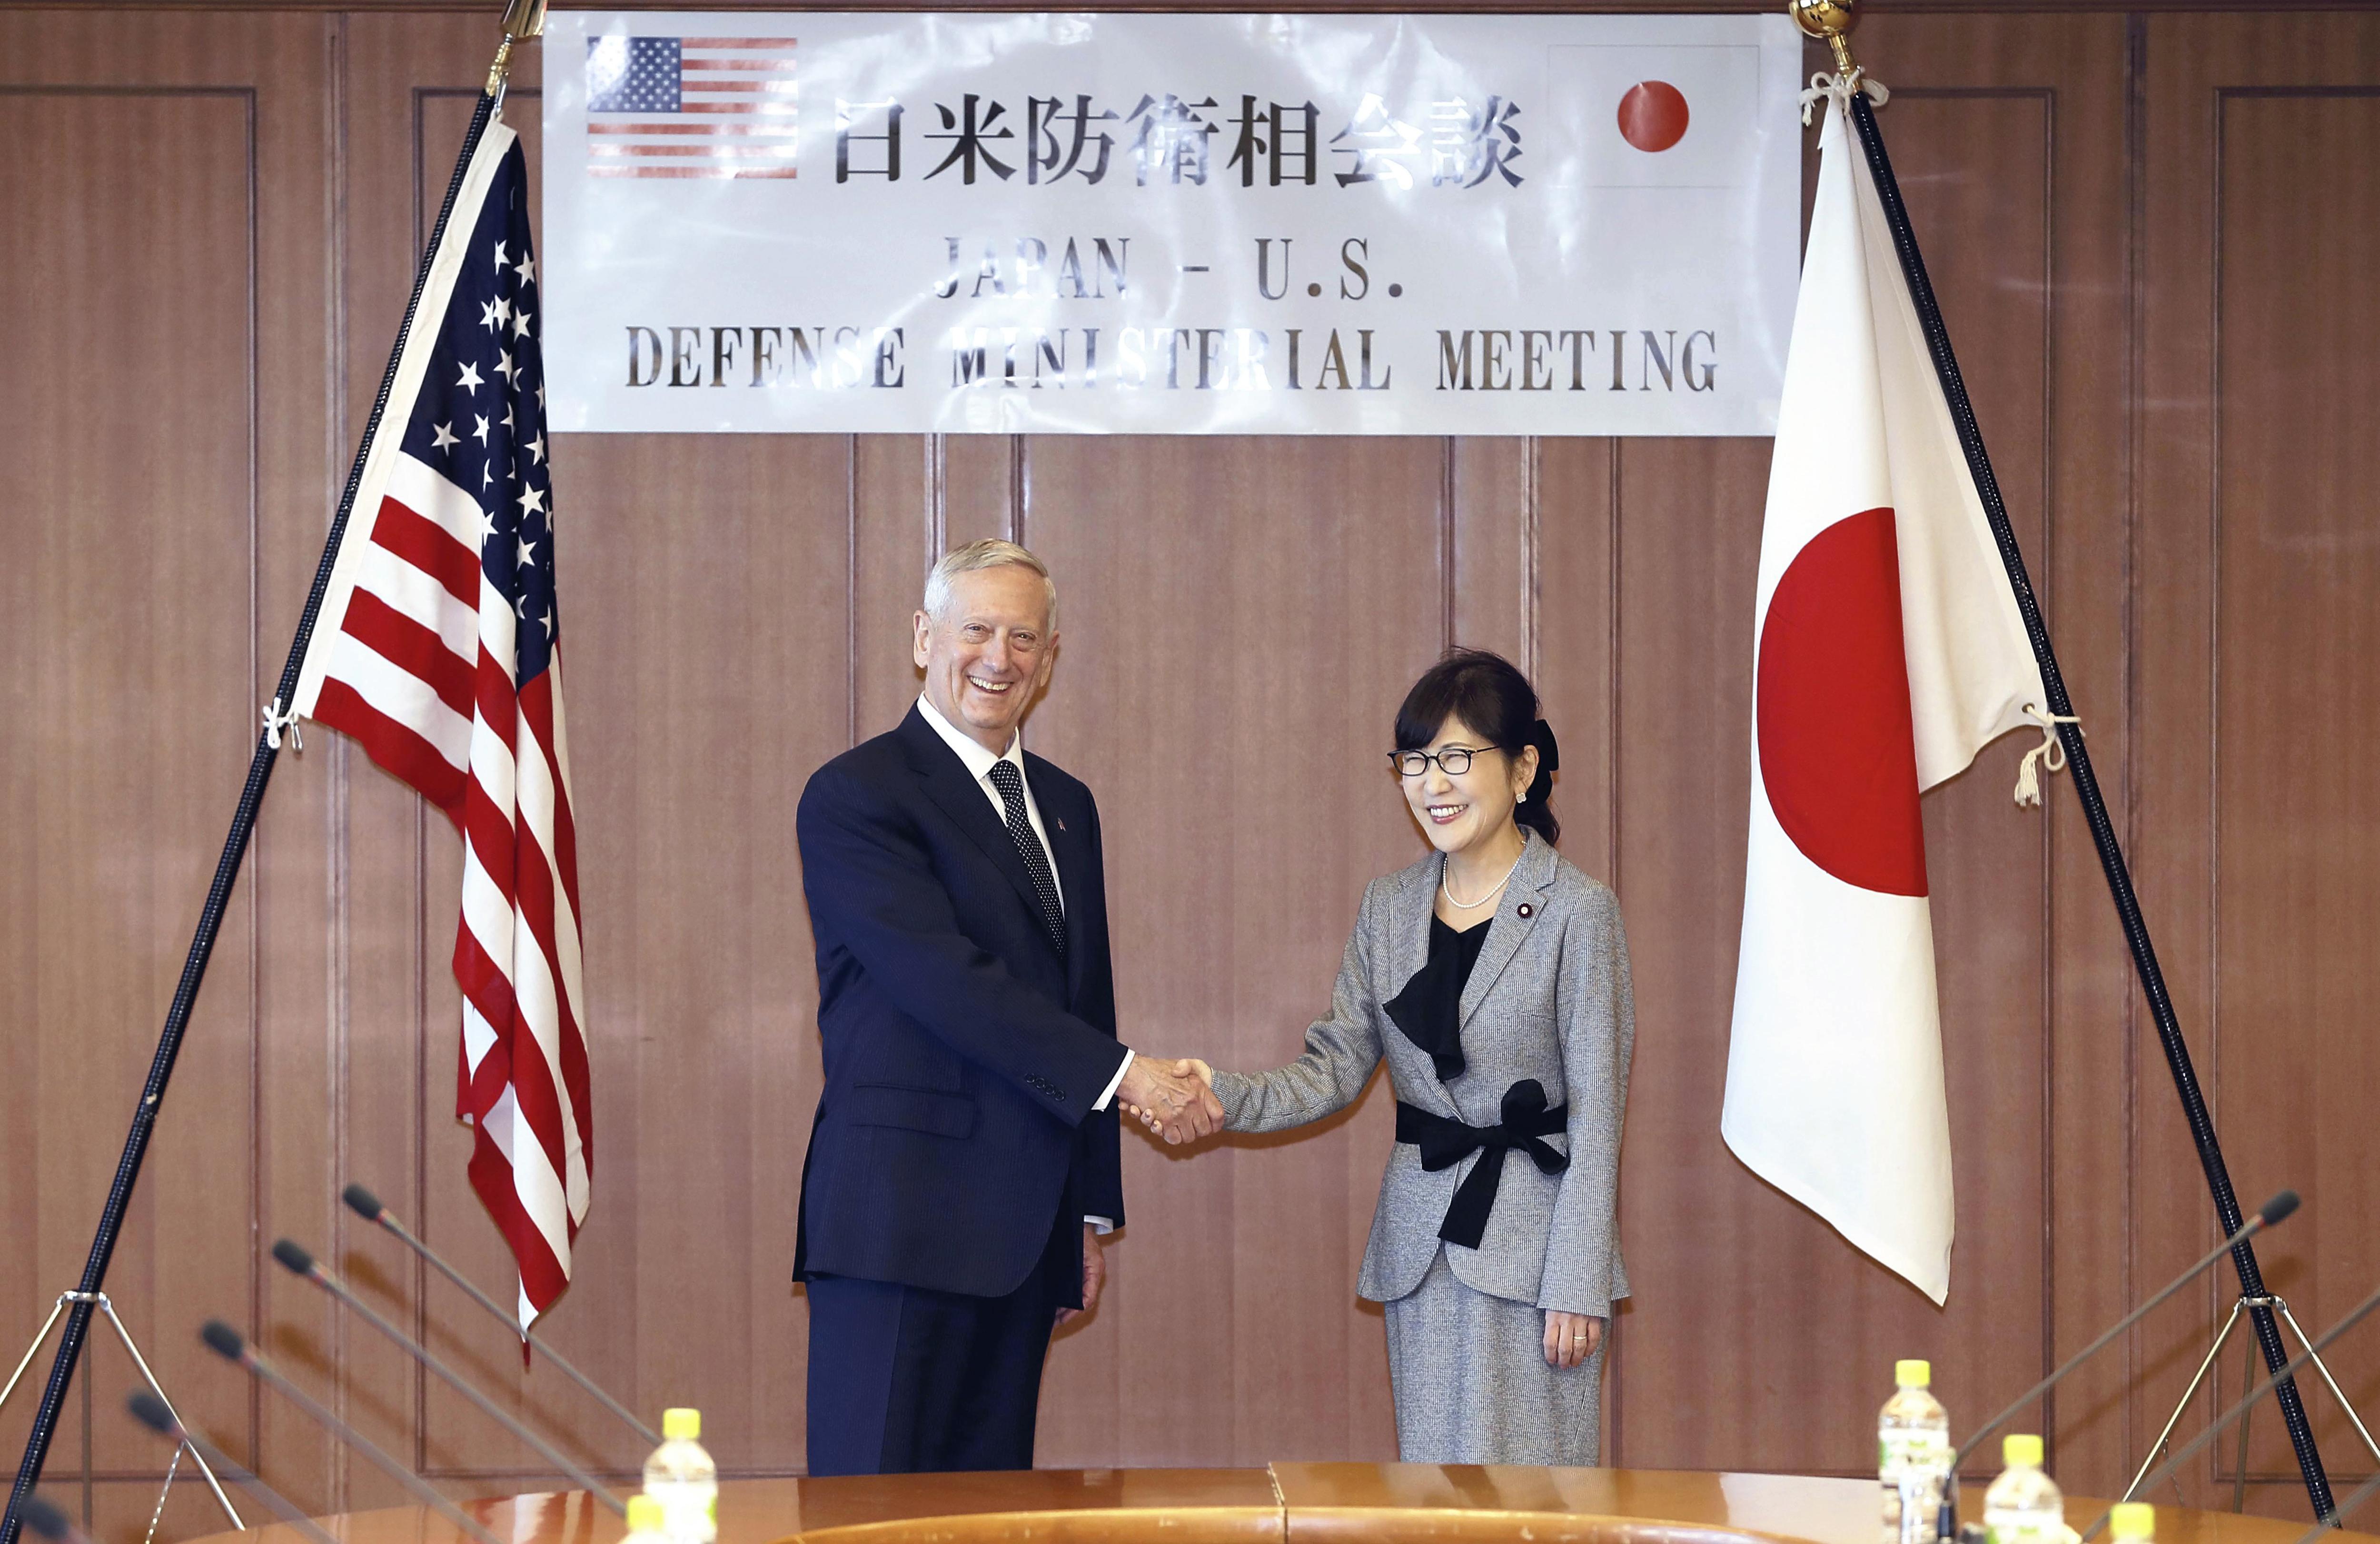 Amerika: Száz százalékban Japán mellett állunk,         Kína: Amerika veszélyezteti Kelet-Ázsia stabilitását